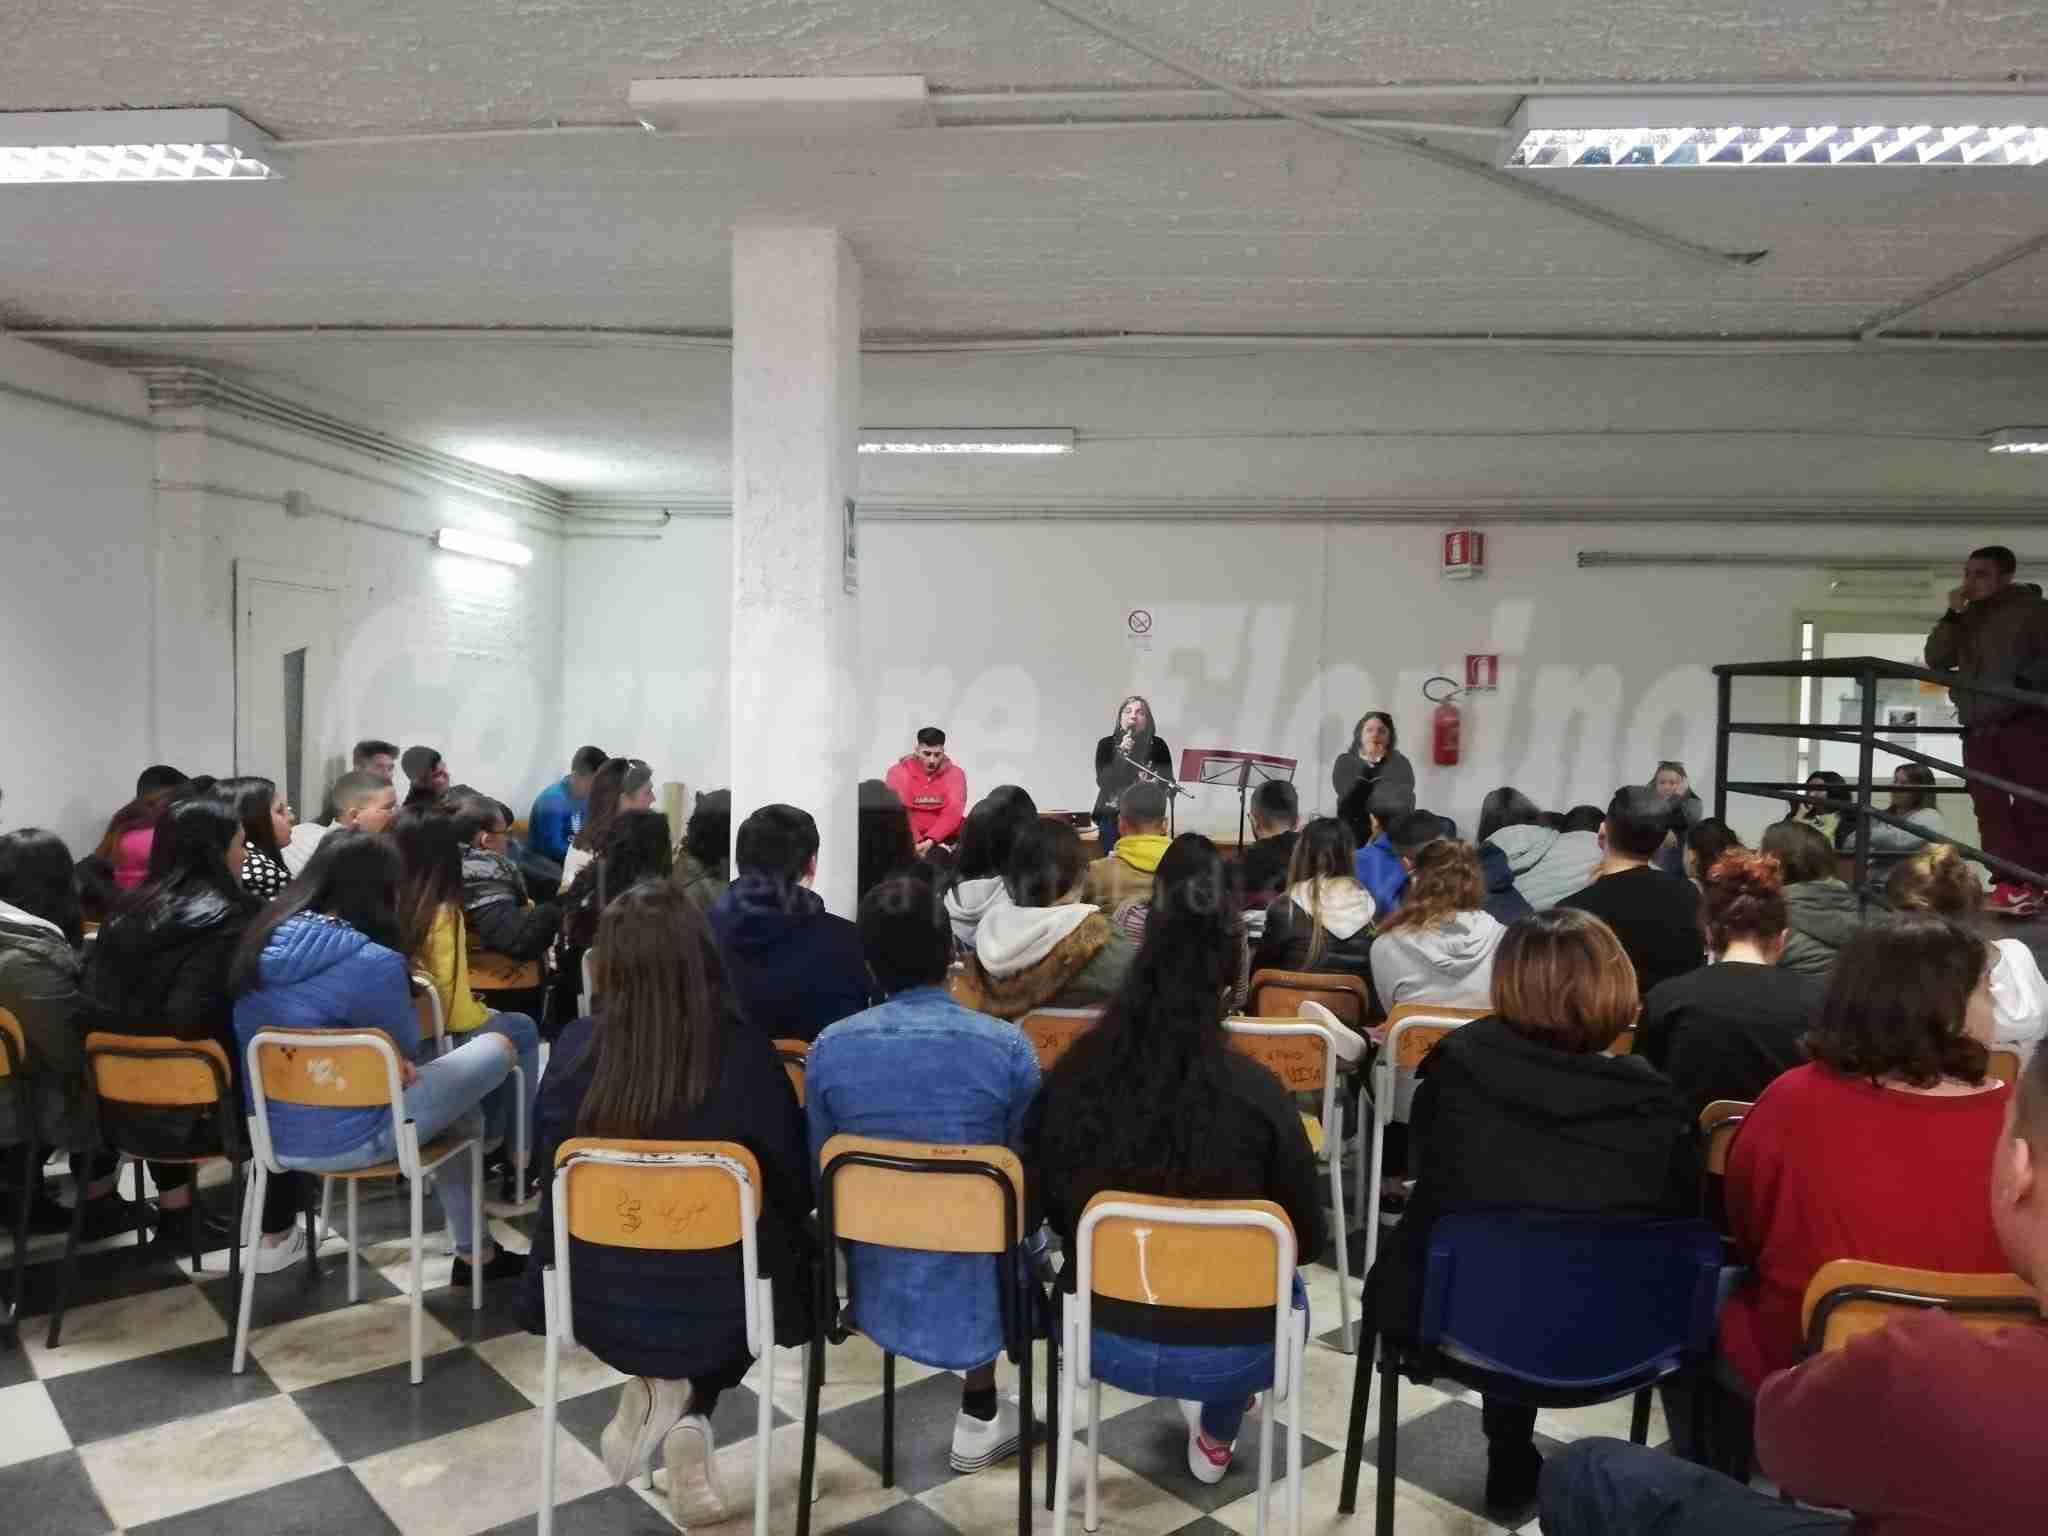 25 novembre, all'Alberghiero una partecipata lezione di rispetto e di educazione alla parità